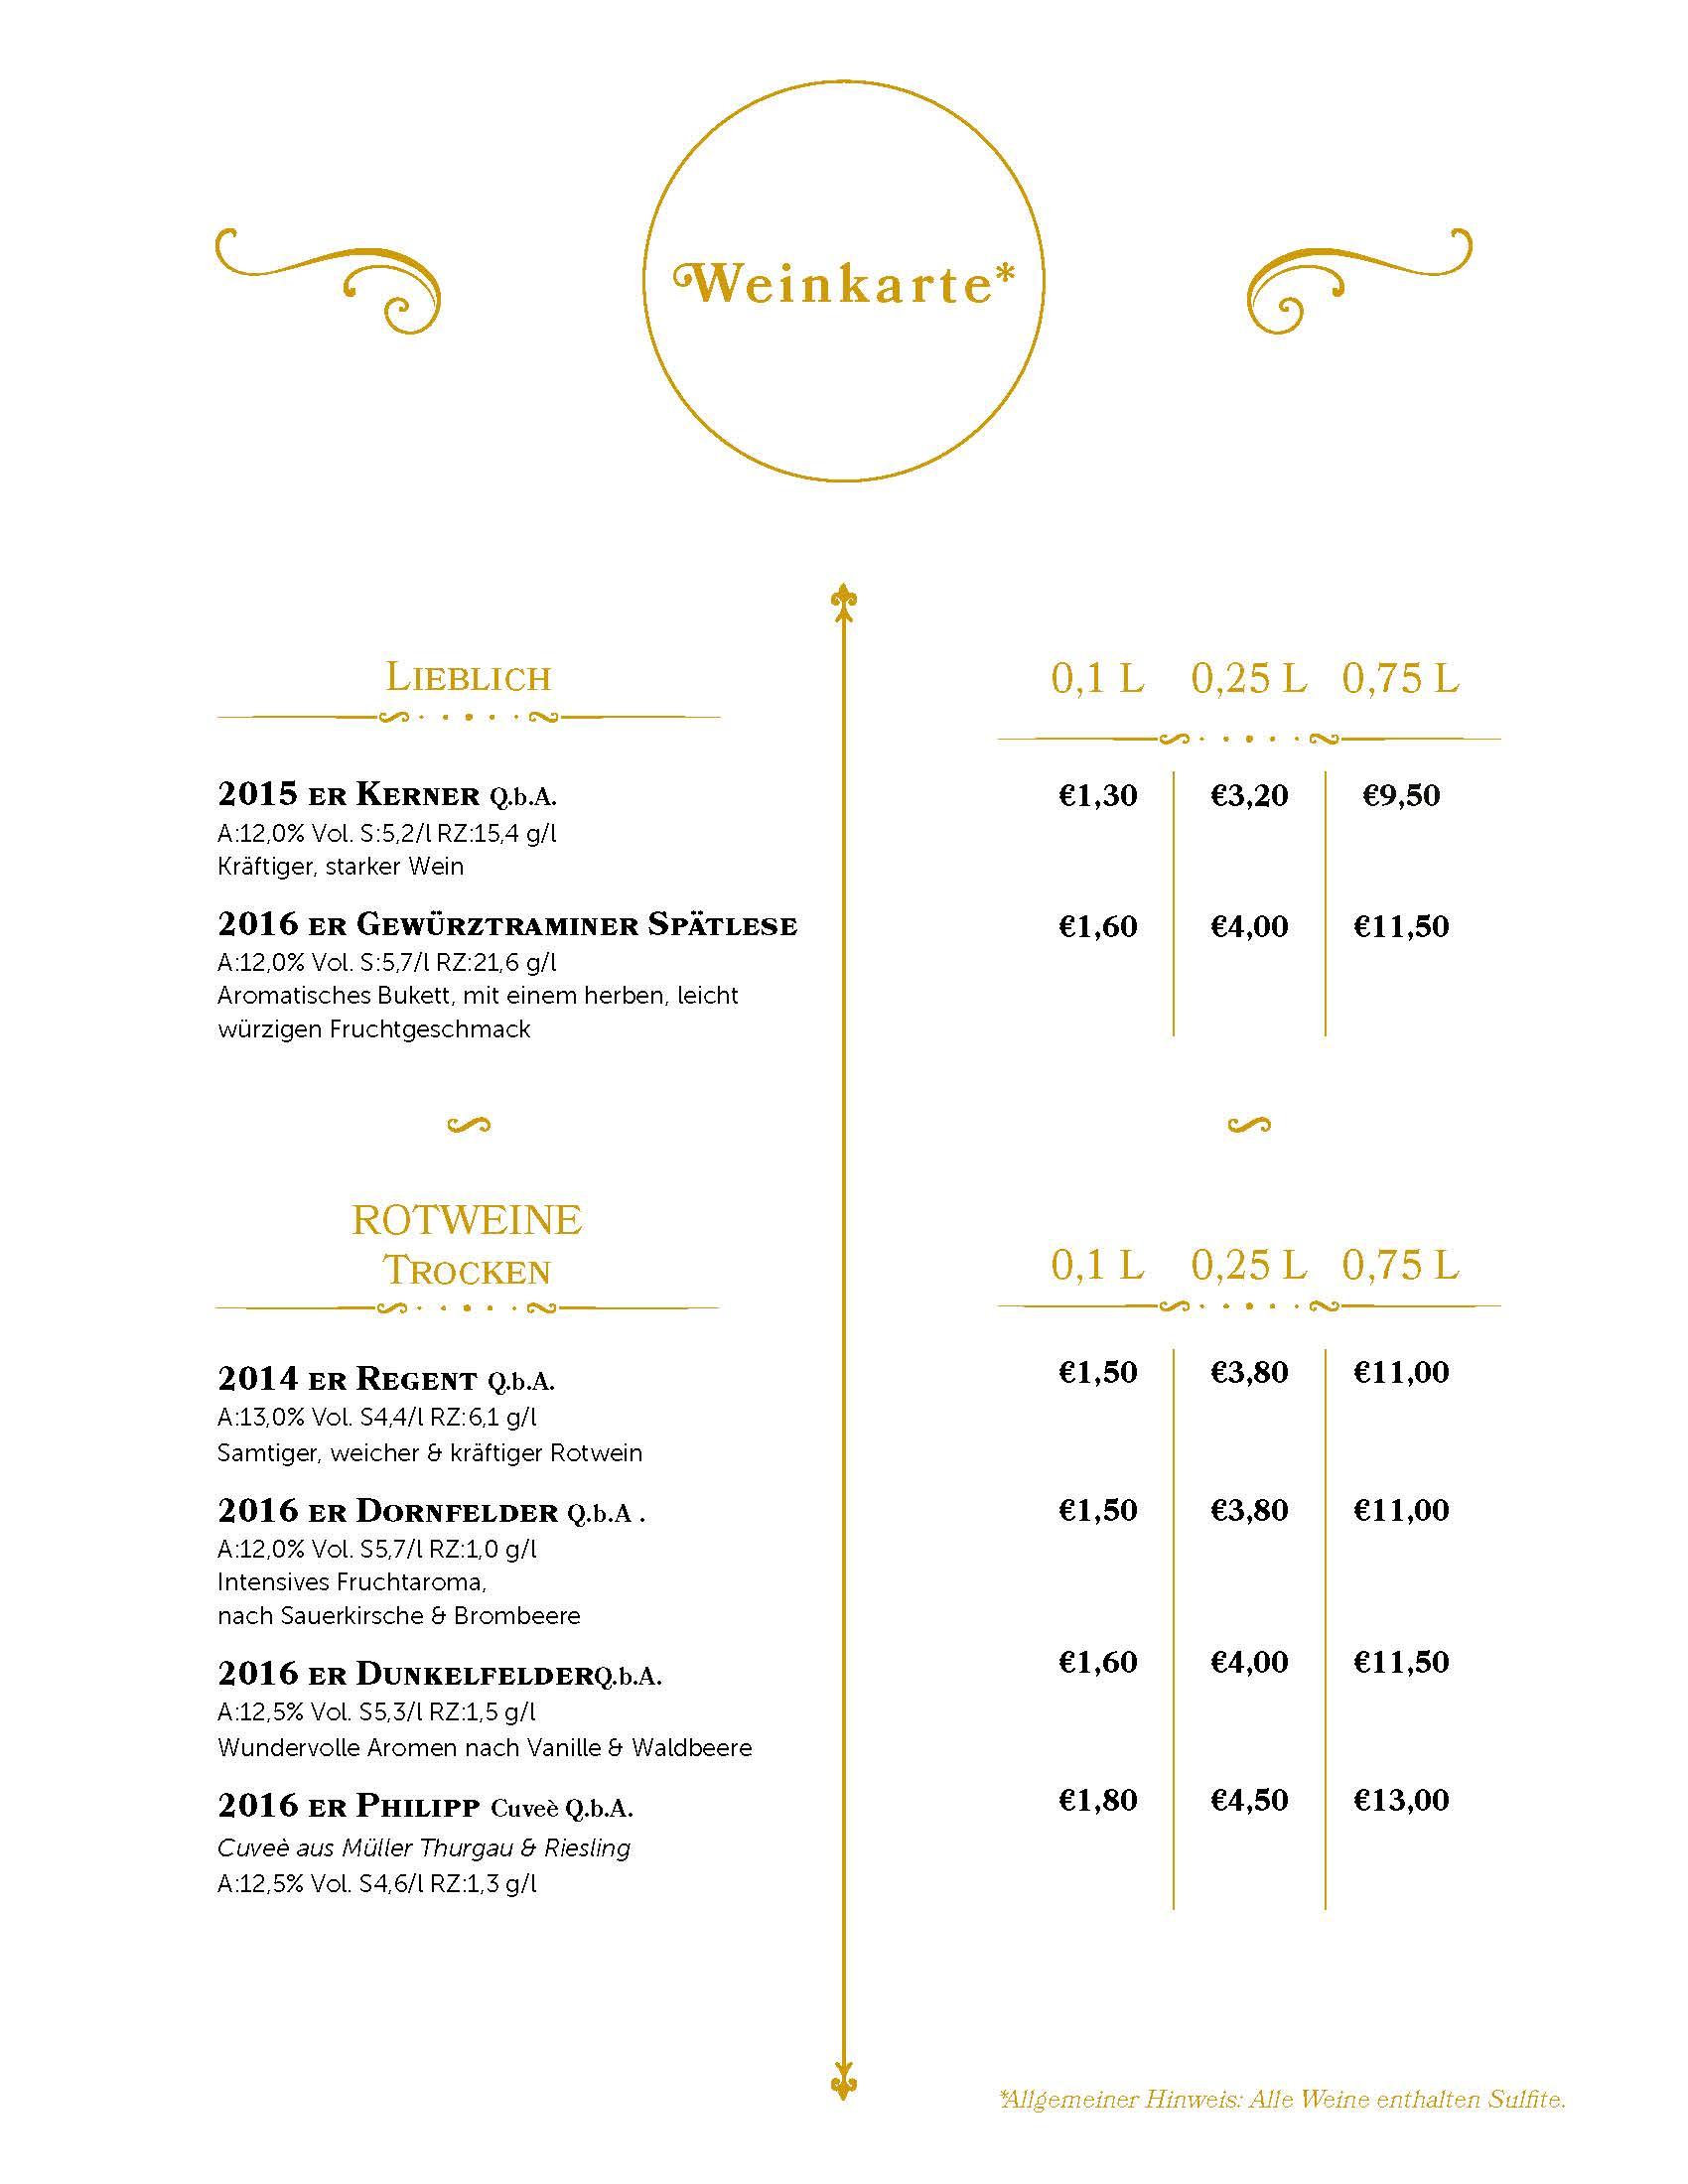 Deckblatt - Speisen und Getränke